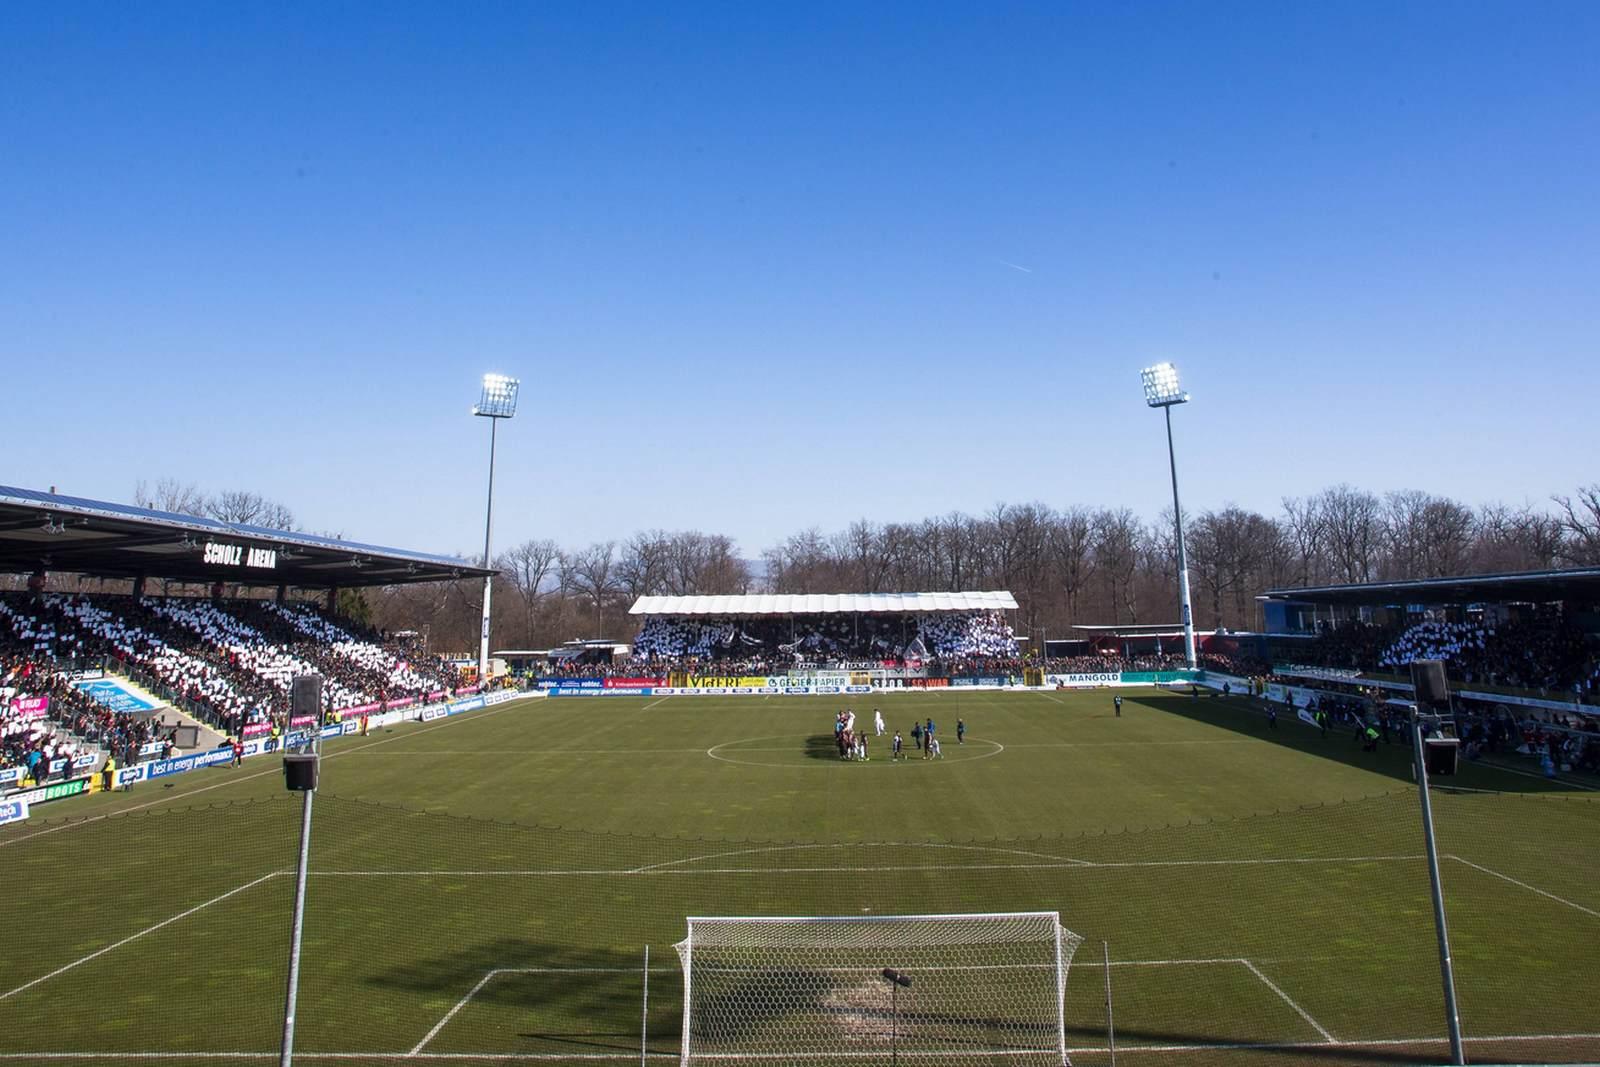 Die Ostalb-Arena, Heimstätte des VfR Aalen